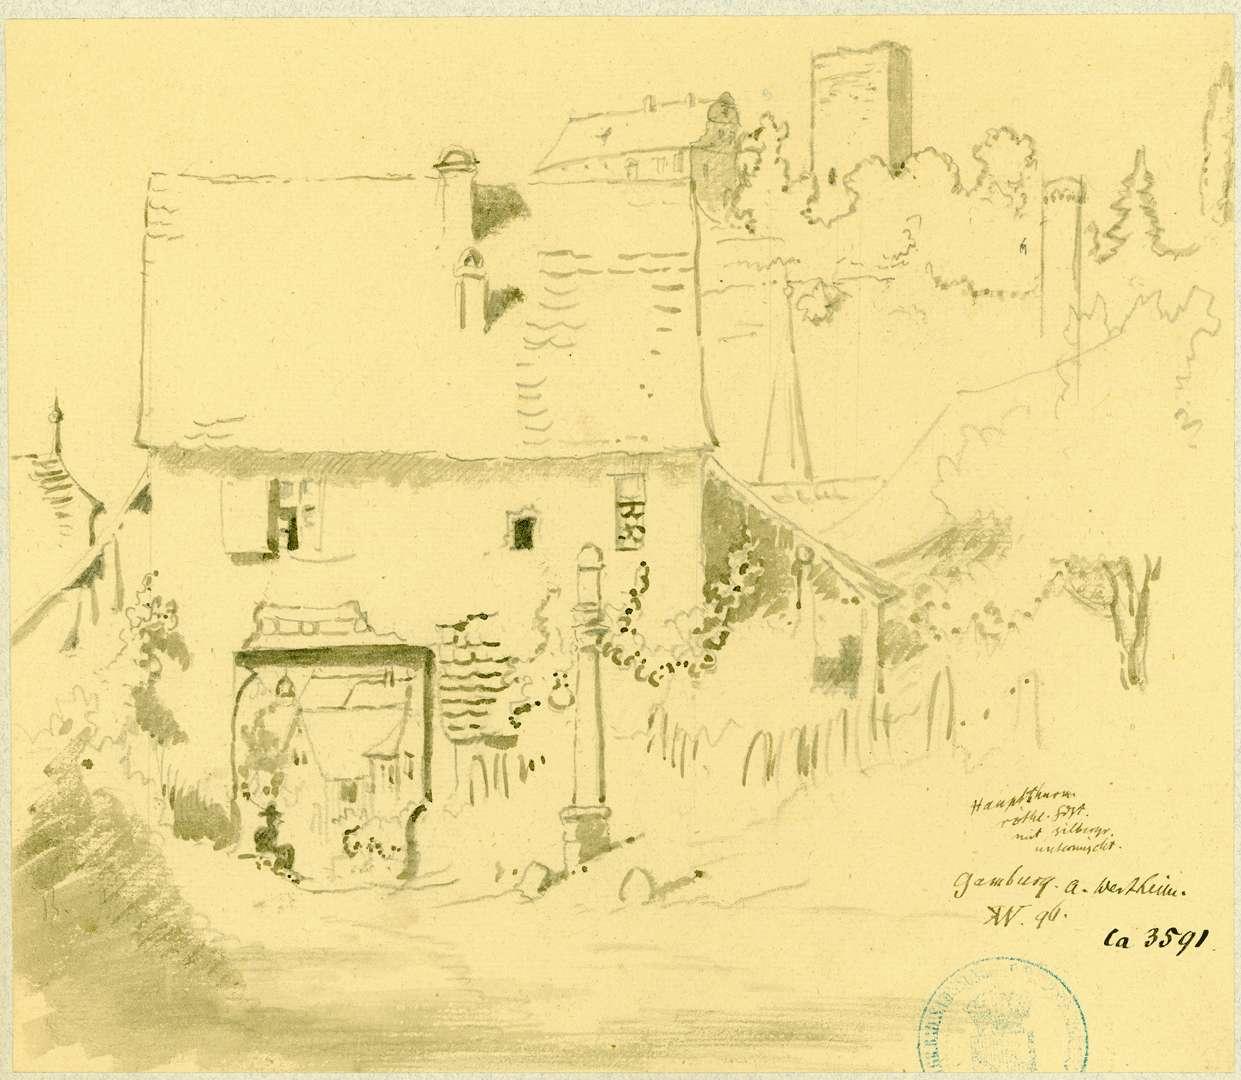 Gamburg Ehemaliges Mühlentor mit der Gamburg im Hintergrund, Bild 1